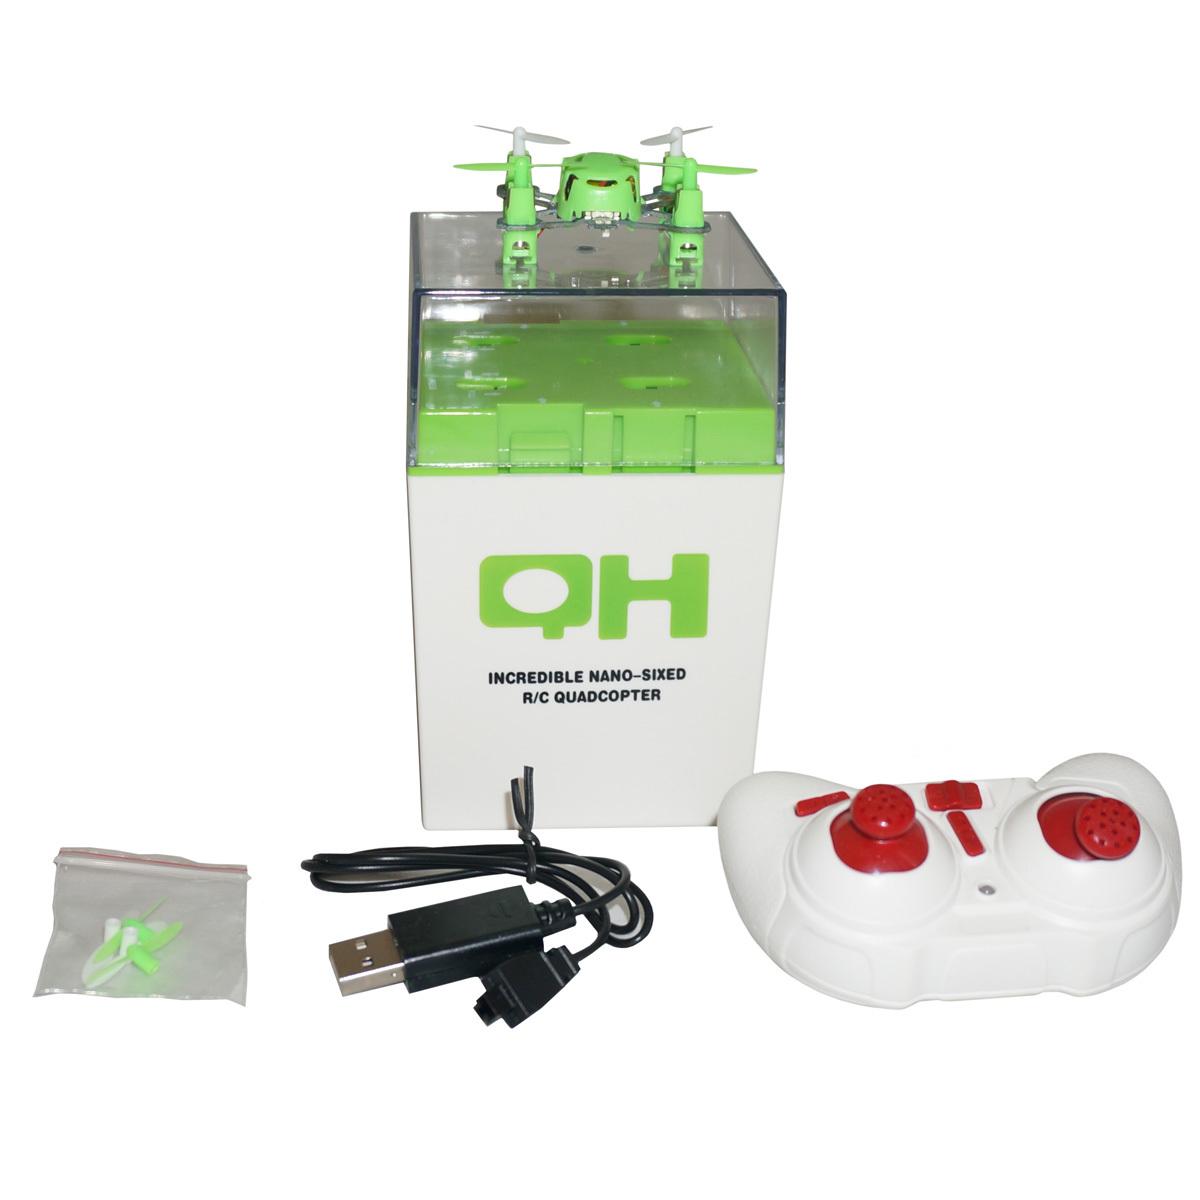 Family Fun Радиоуправляемая игрушка Квадрокоптер. Мини, цвет зеленый ( GHD178398_green )